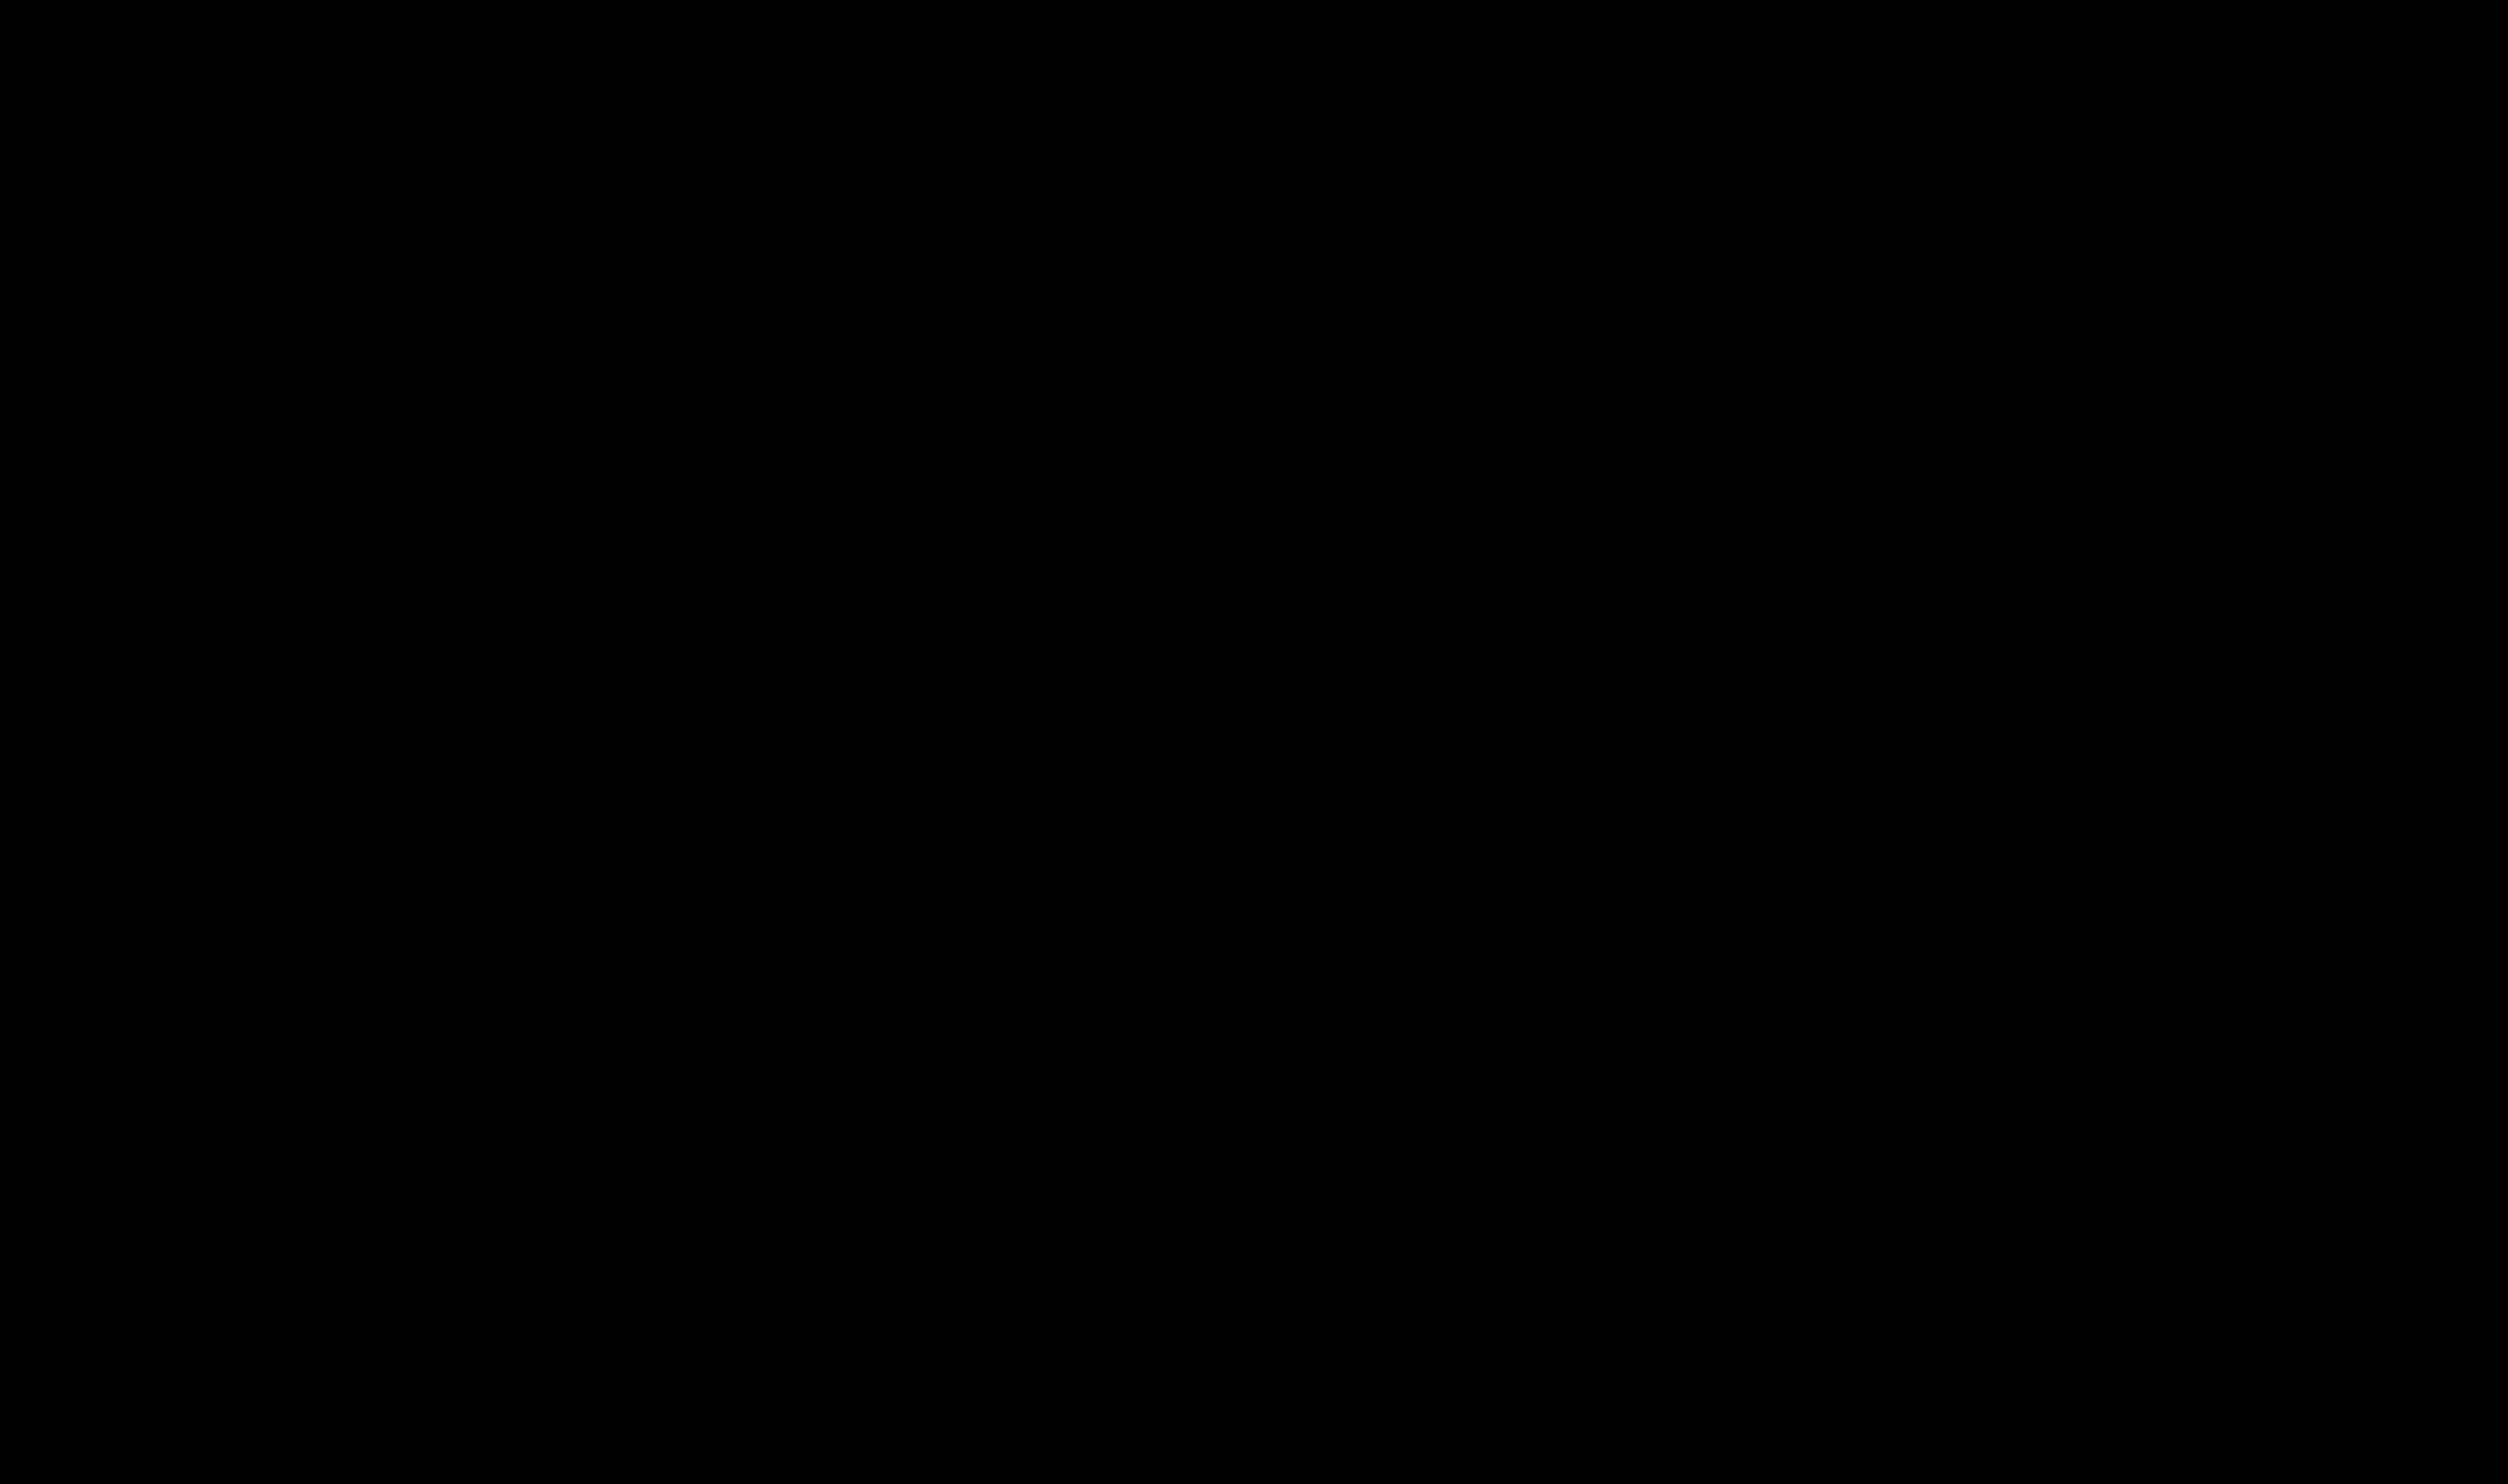 Proceso de trabajo de Lan Eskola